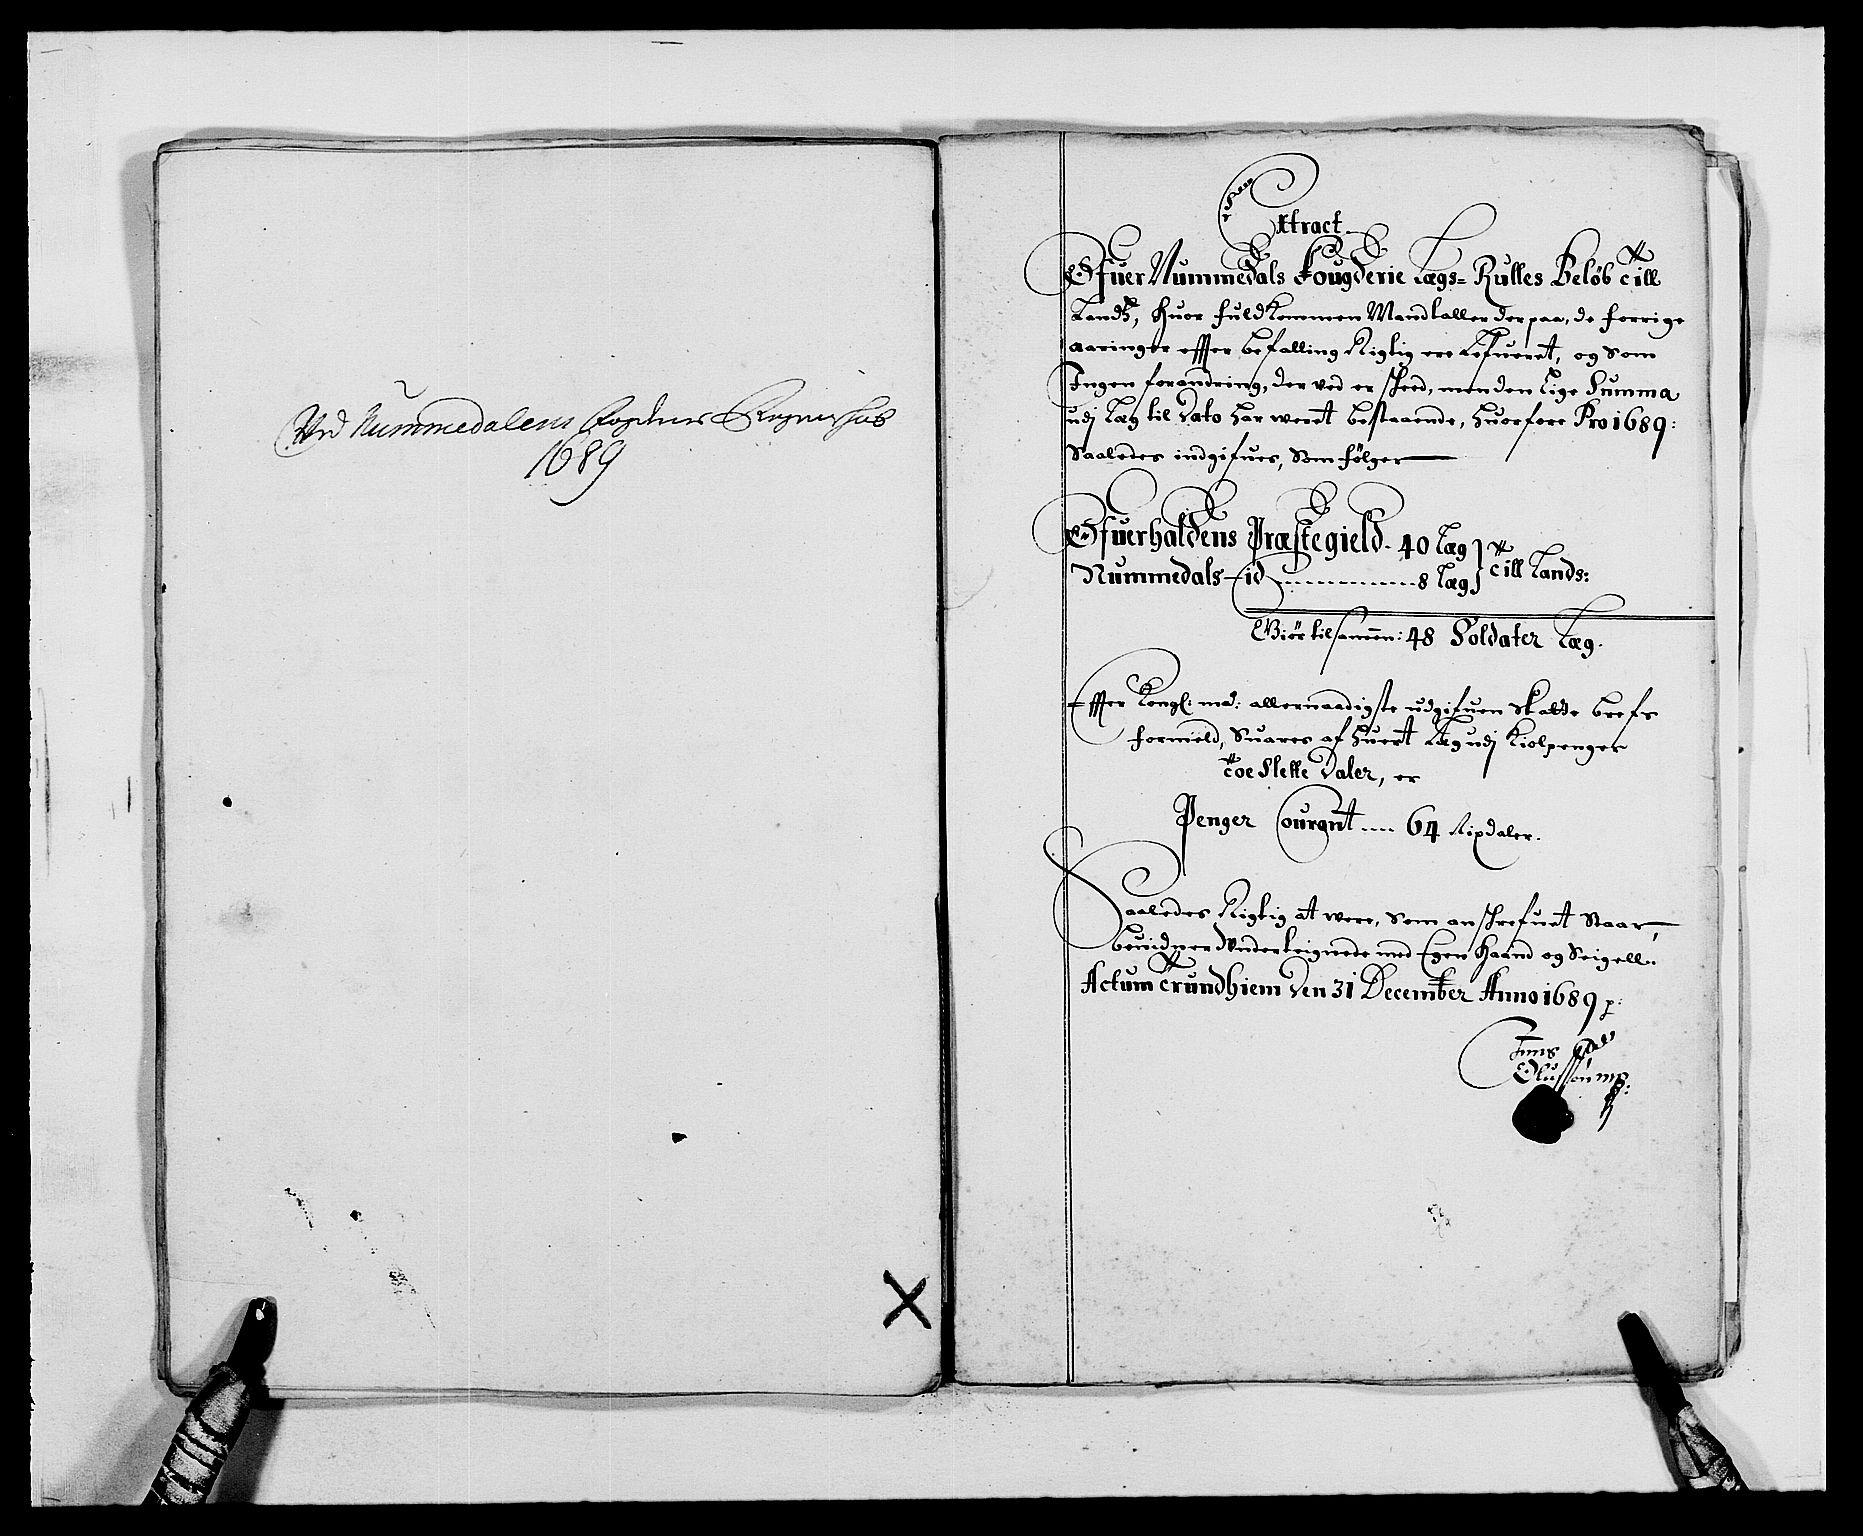 RA, Rentekammeret inntil 1814, Reviderte regnskaper, Fogderegnskap, R64/L4422: Fogderegnskap Namdal, 1687-1689, s. 227